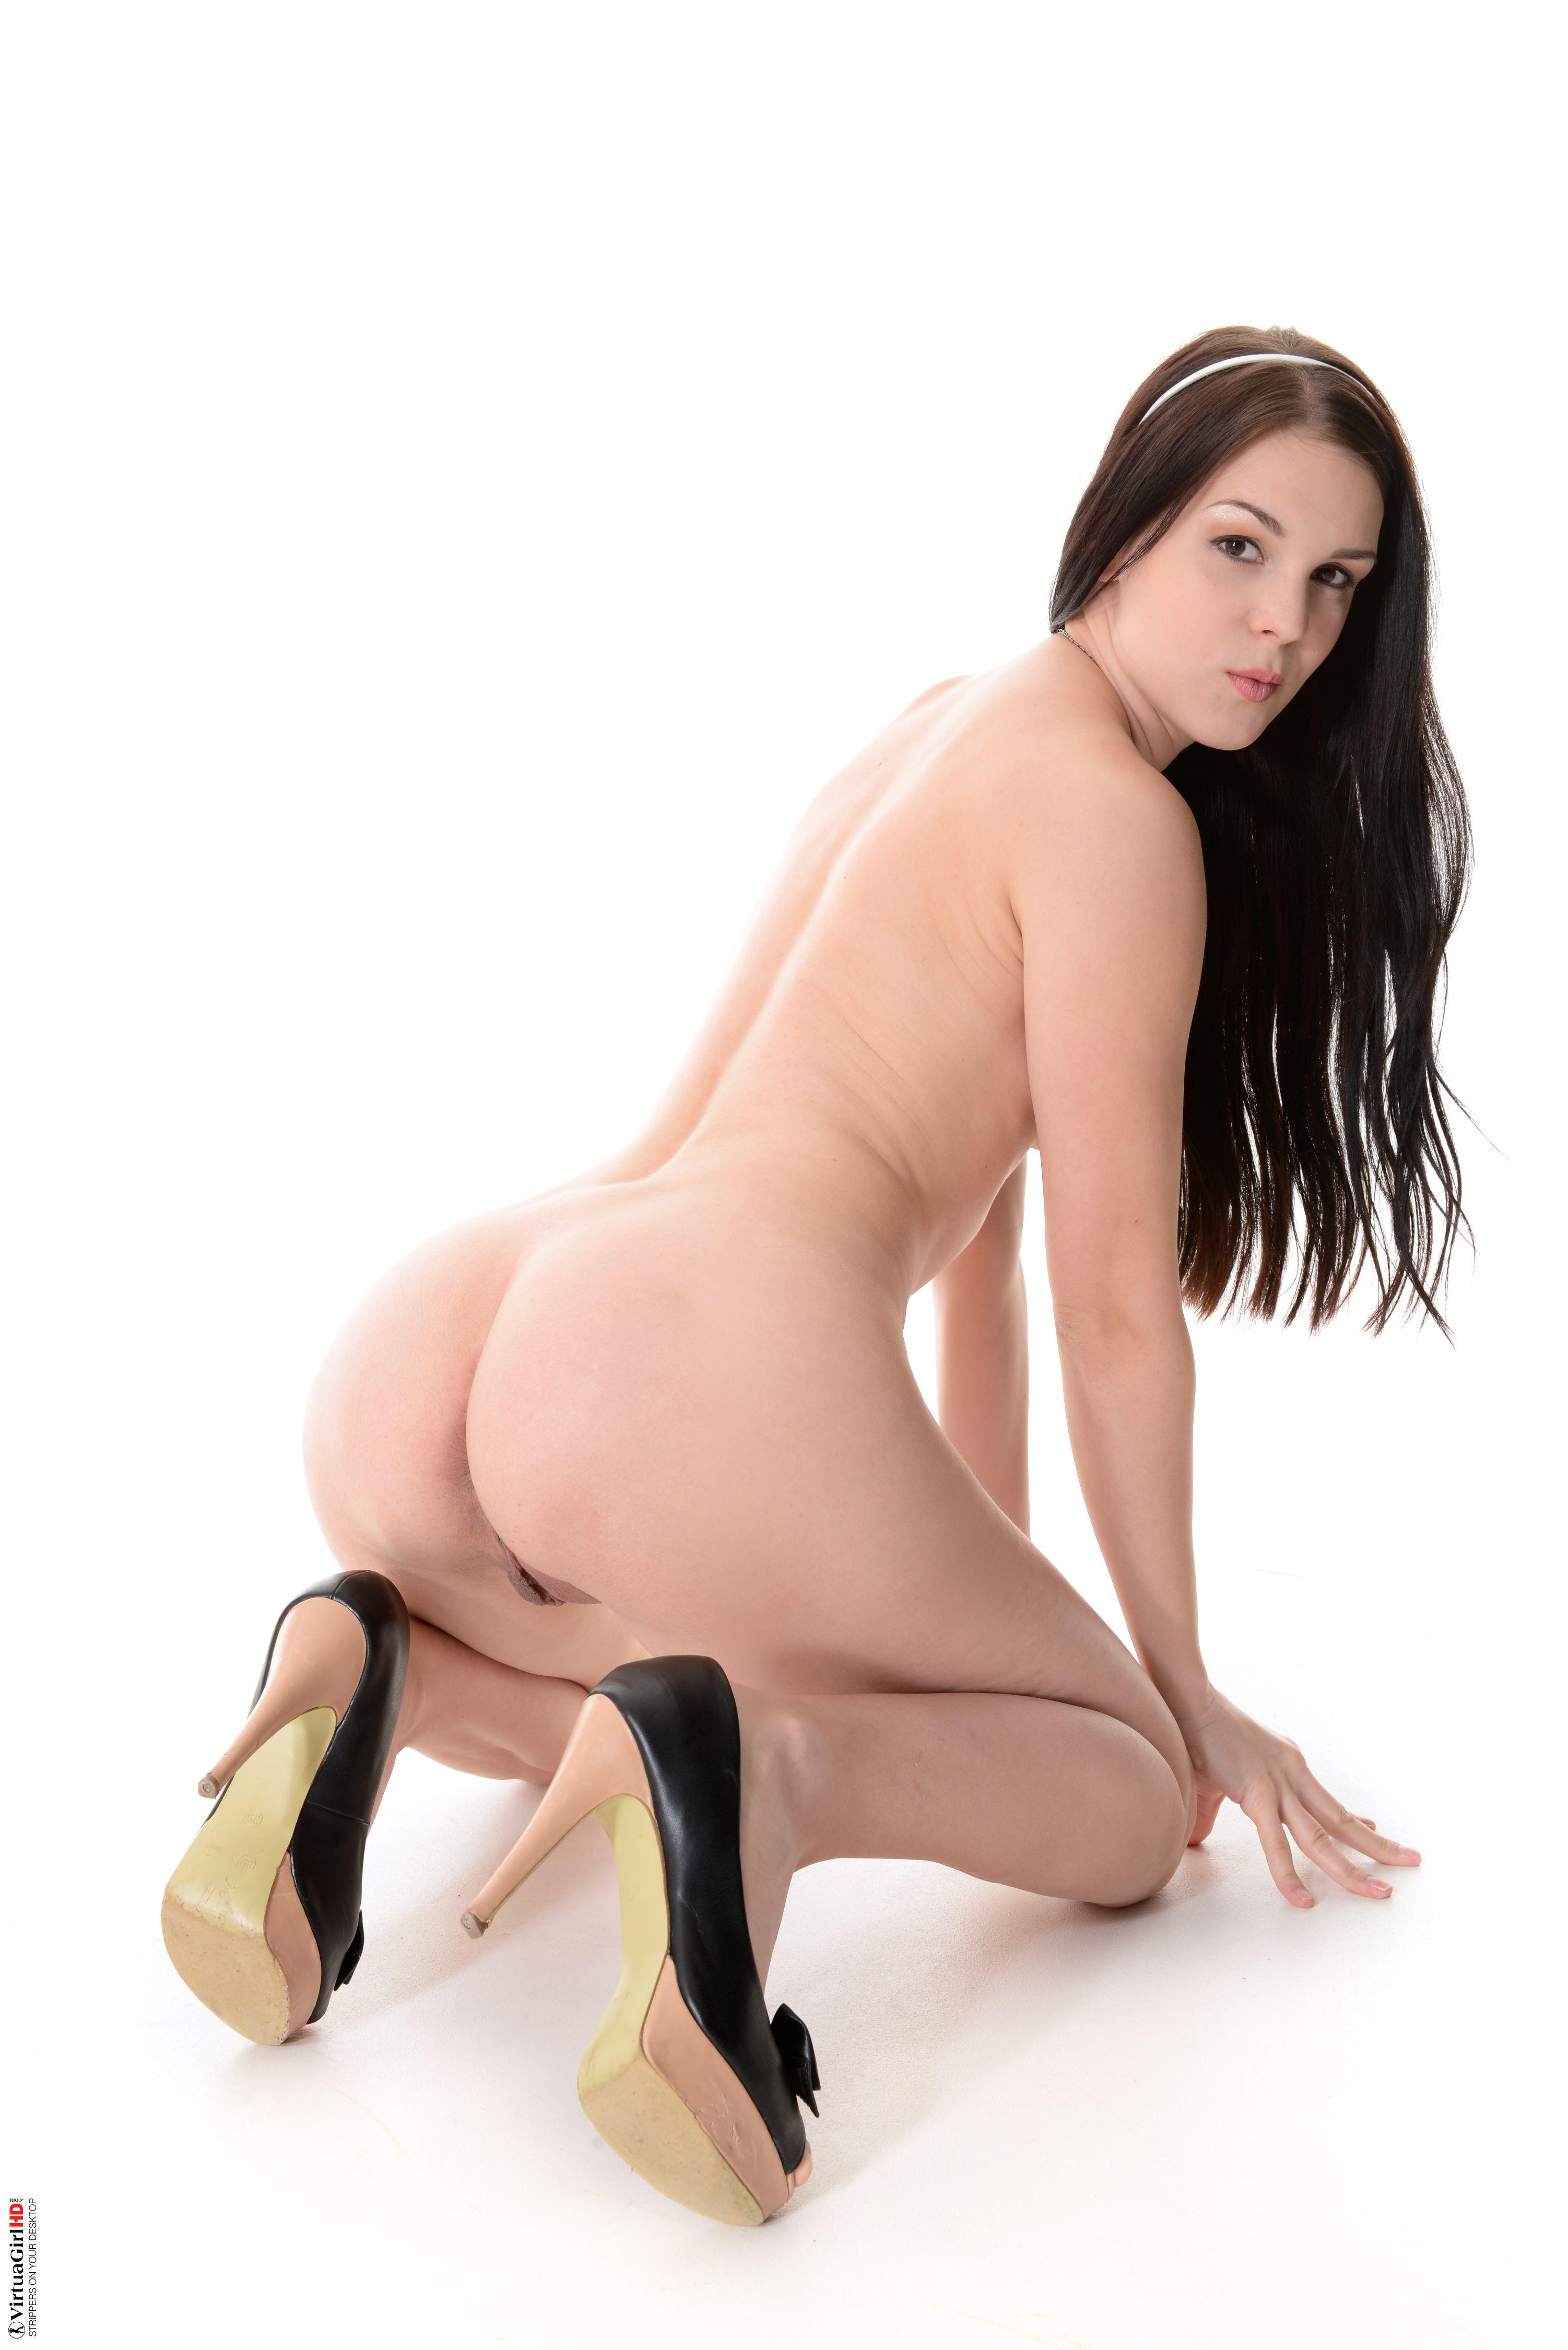 free desktop stripper